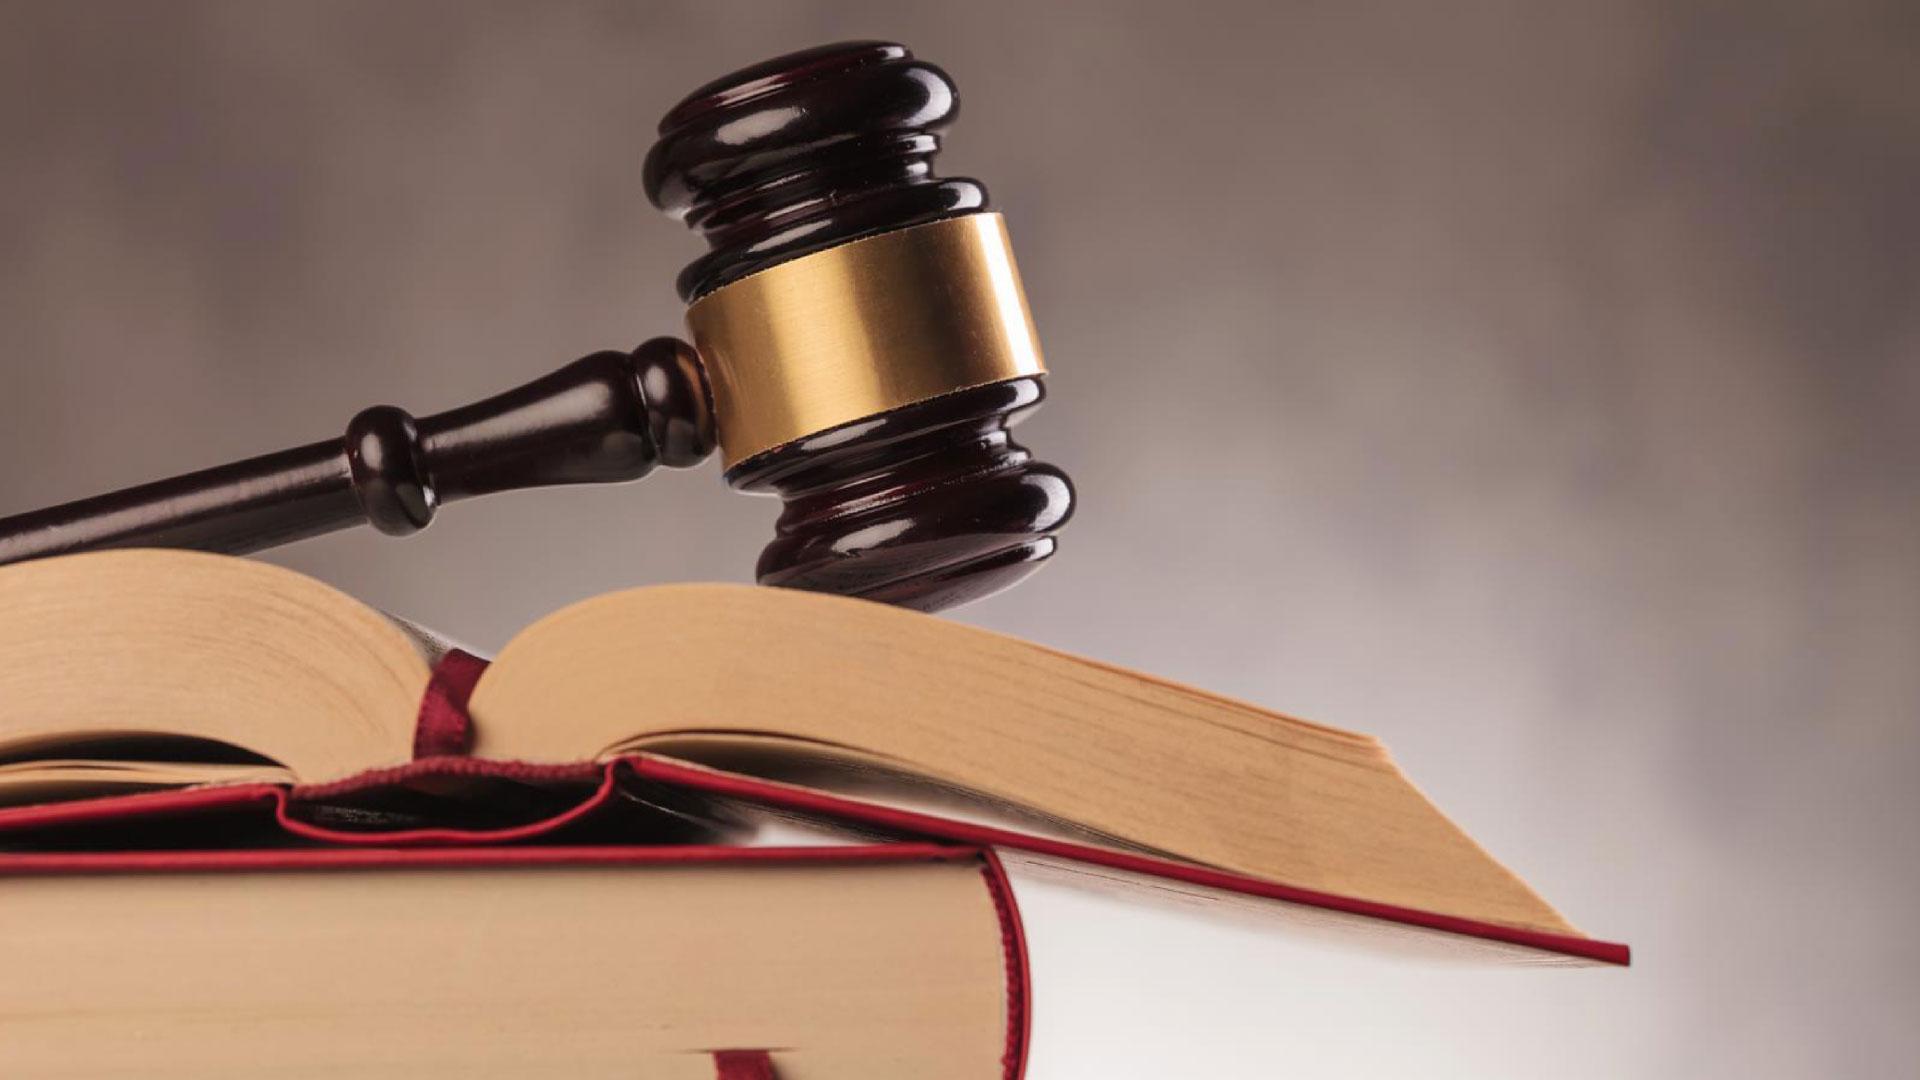 lllm-legal-theory